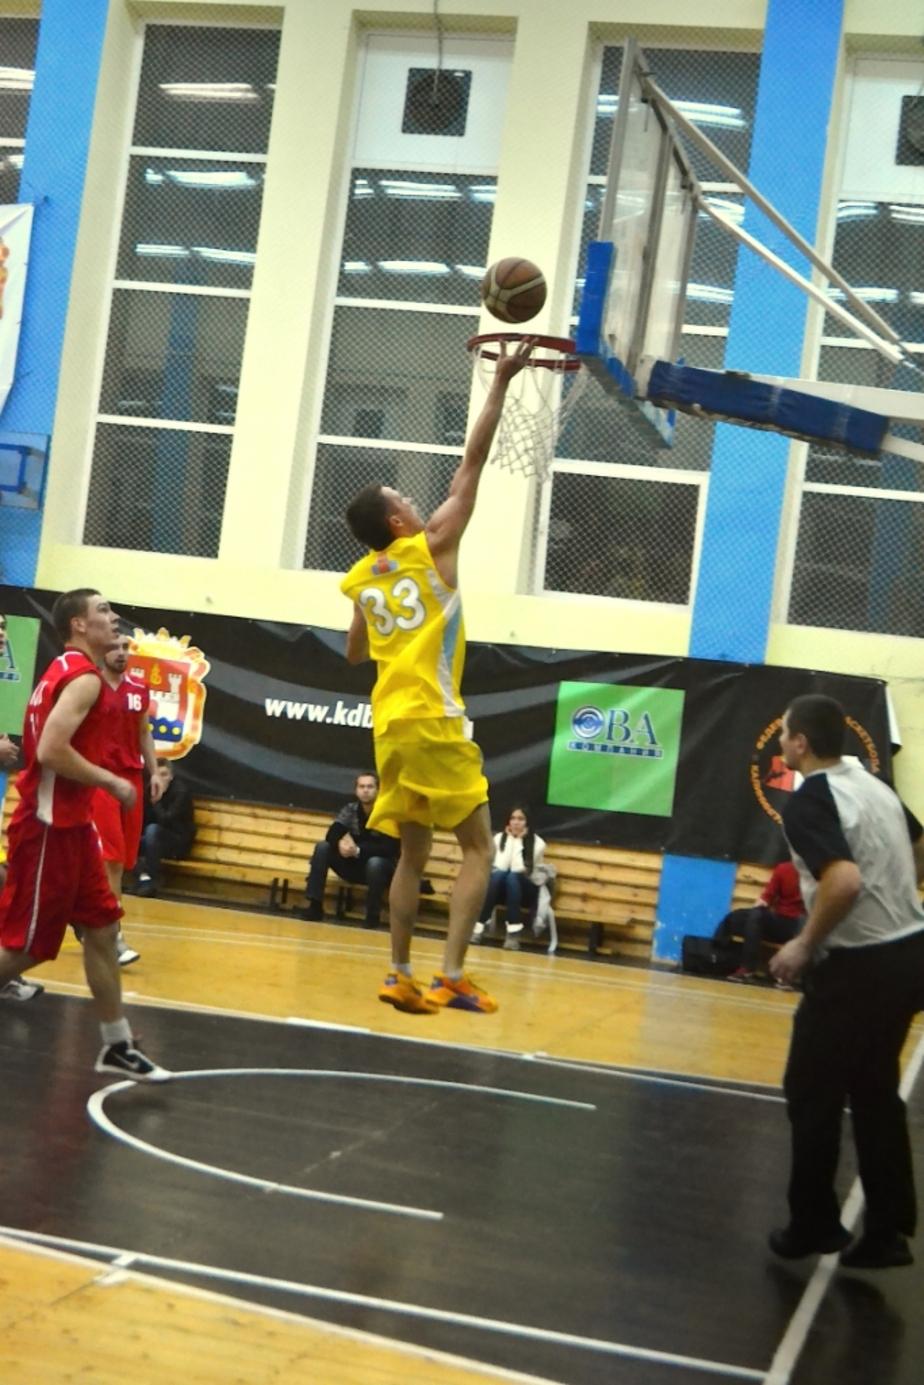 Завершился 4 тур чемпионата области по баскетболу среди мужчин - Новости Калининграда